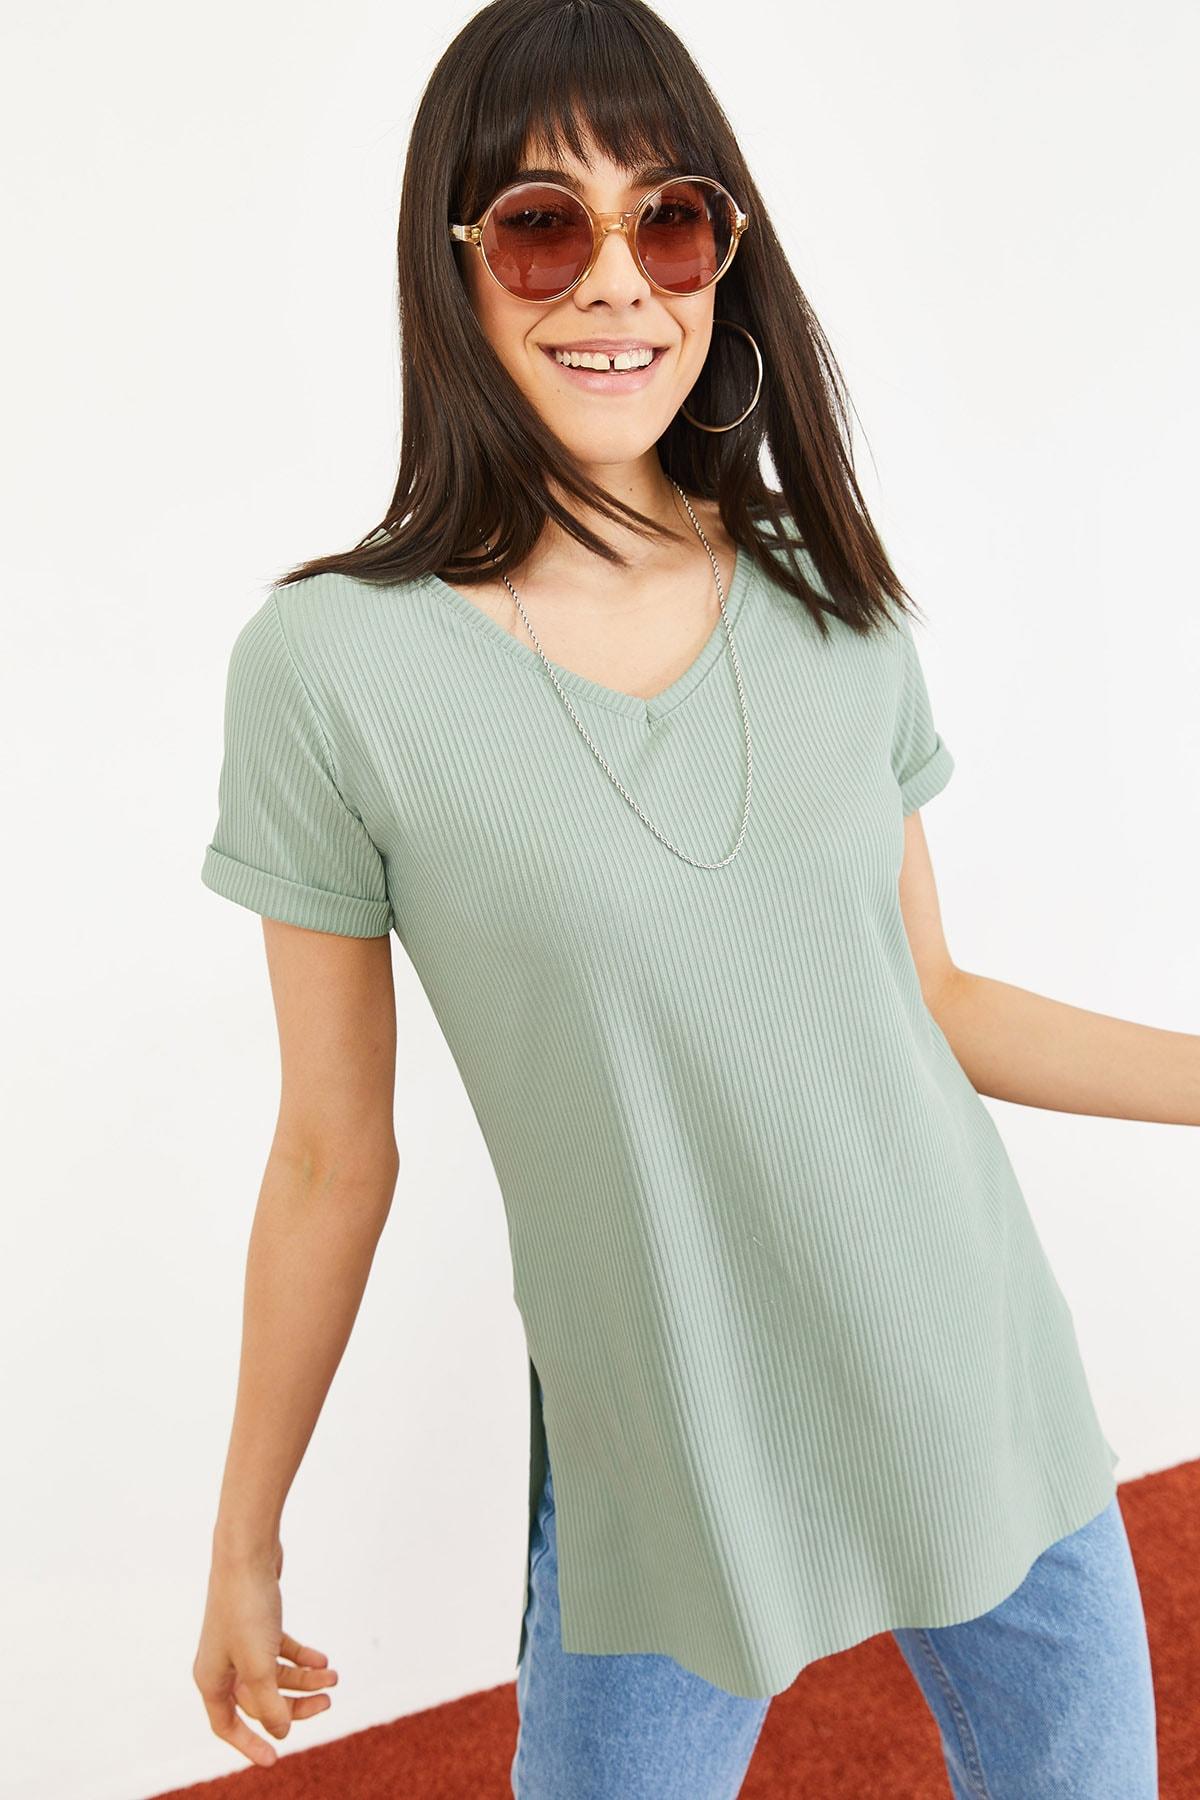 Bianco Lucci Kadın Mint Yeşili Kol Yan Yırtmaçlı Kol Detay Kaşkorse T-Shirt 10051012 0